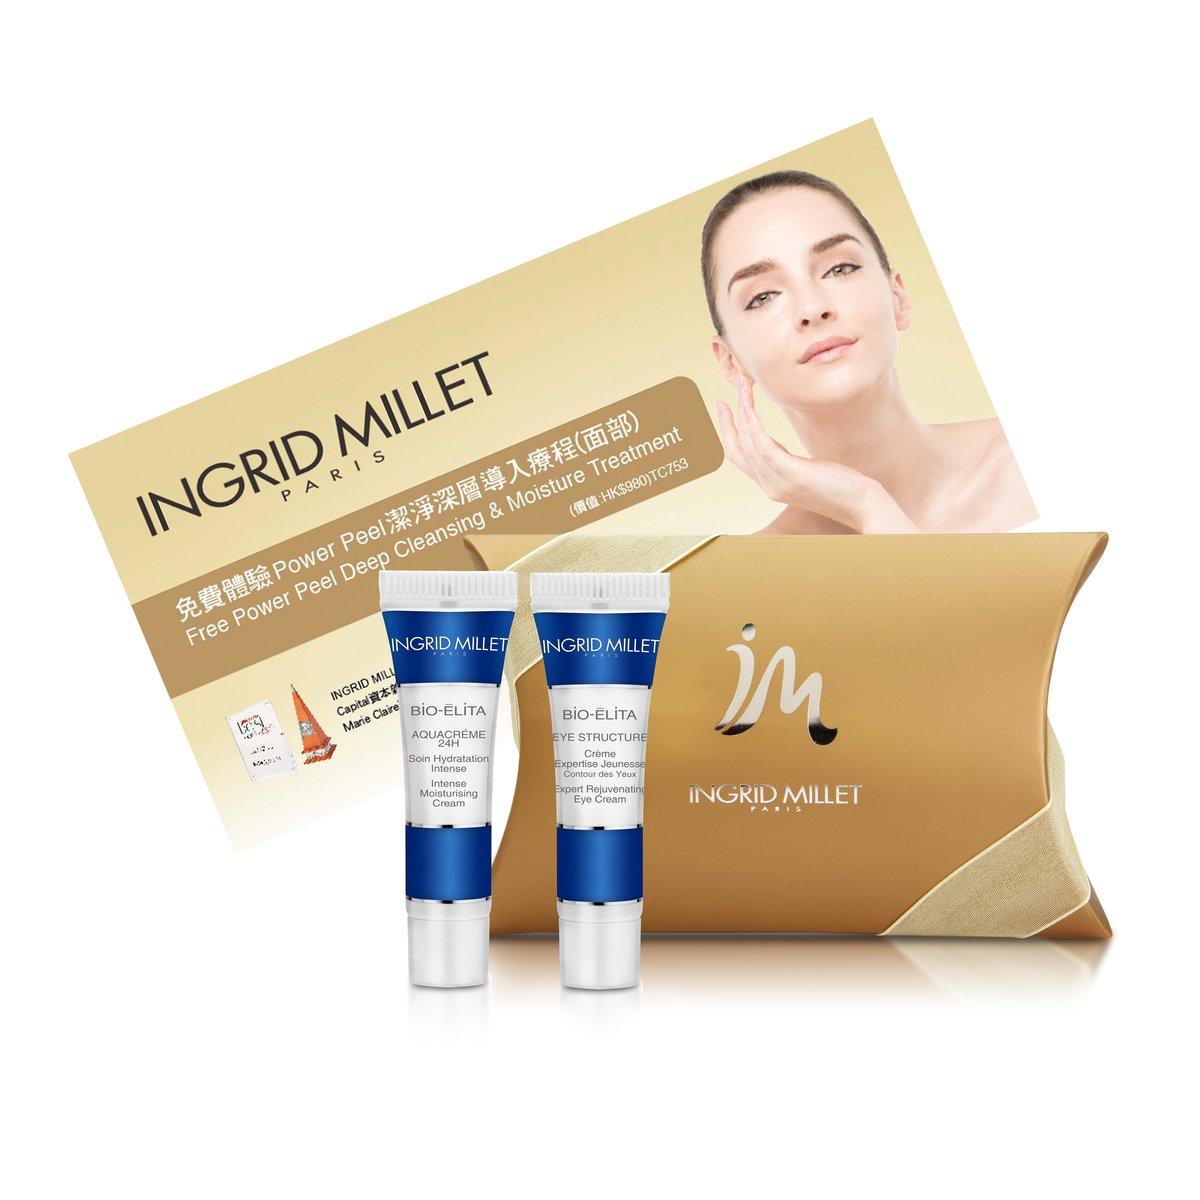 (贈品)Ingrid Millet試用裝及療程禮券